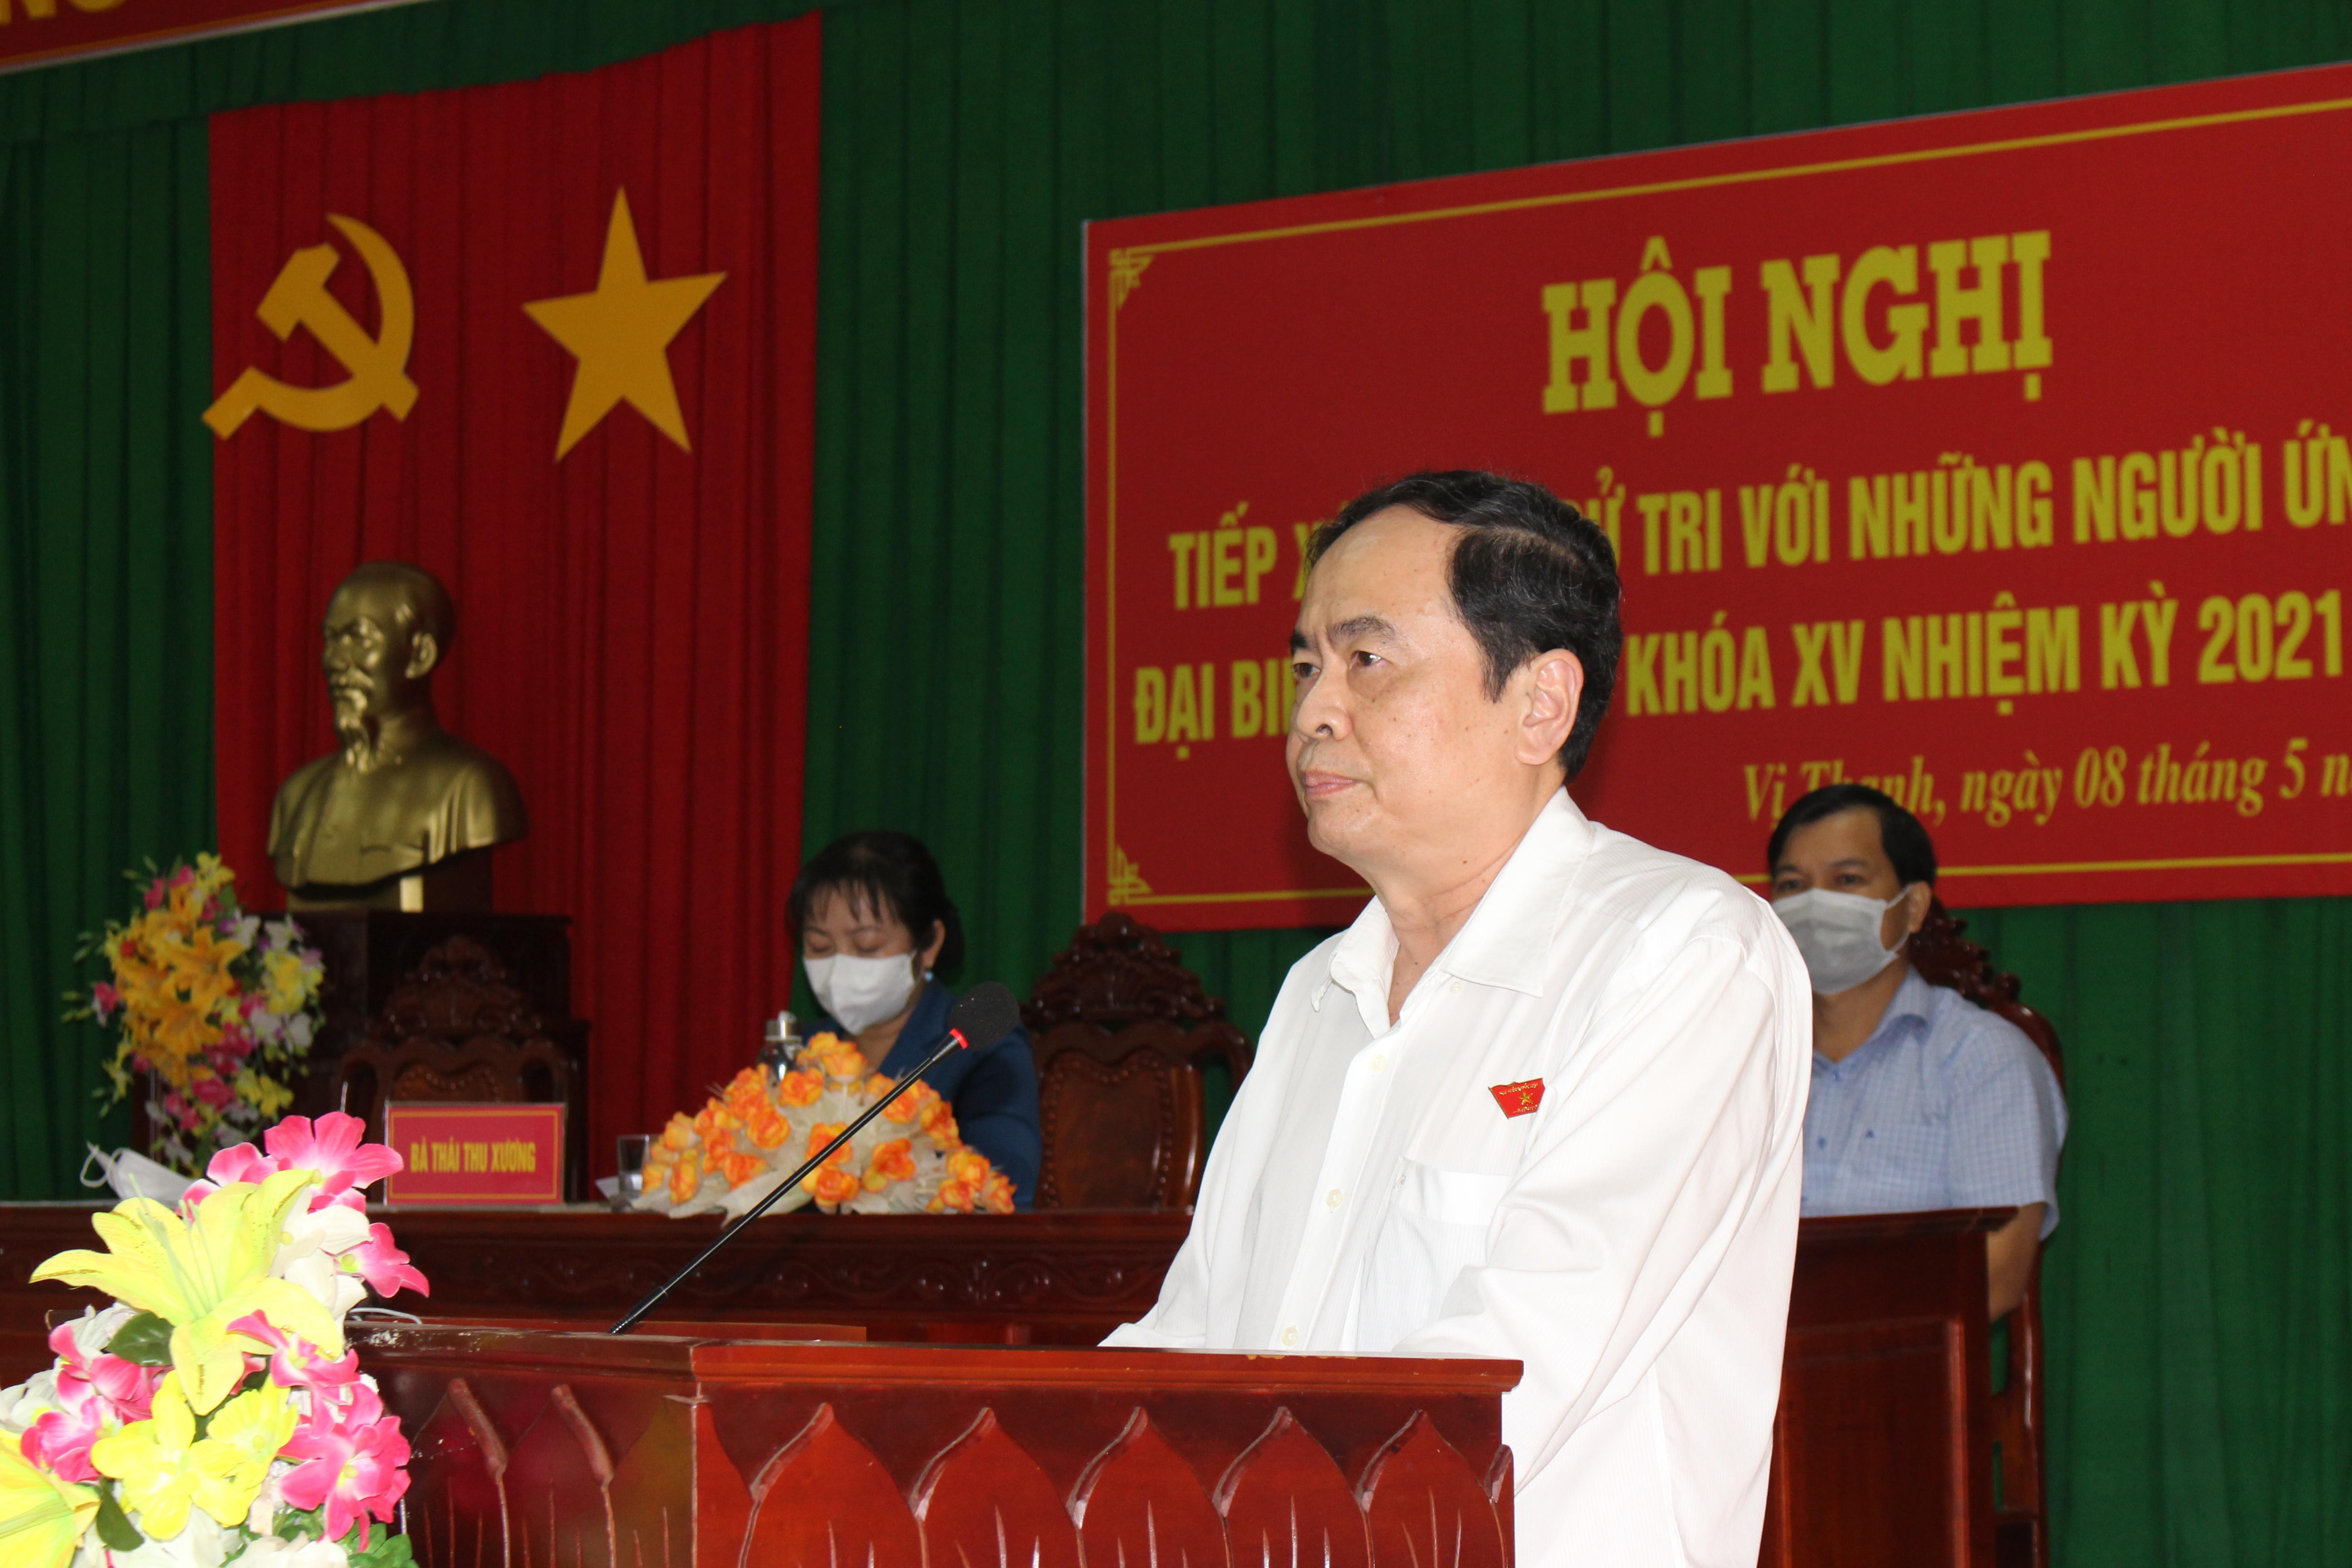 Ông Trần Thanh Mẫn, Ủy viên Bộ Chính trị, Phó Chủ tịch Thường trực Quốc hội, Phó Chủ tịch Hội đồng bầu cử Quốc gia phát biểu tại buổi tiếp xúc cử tri